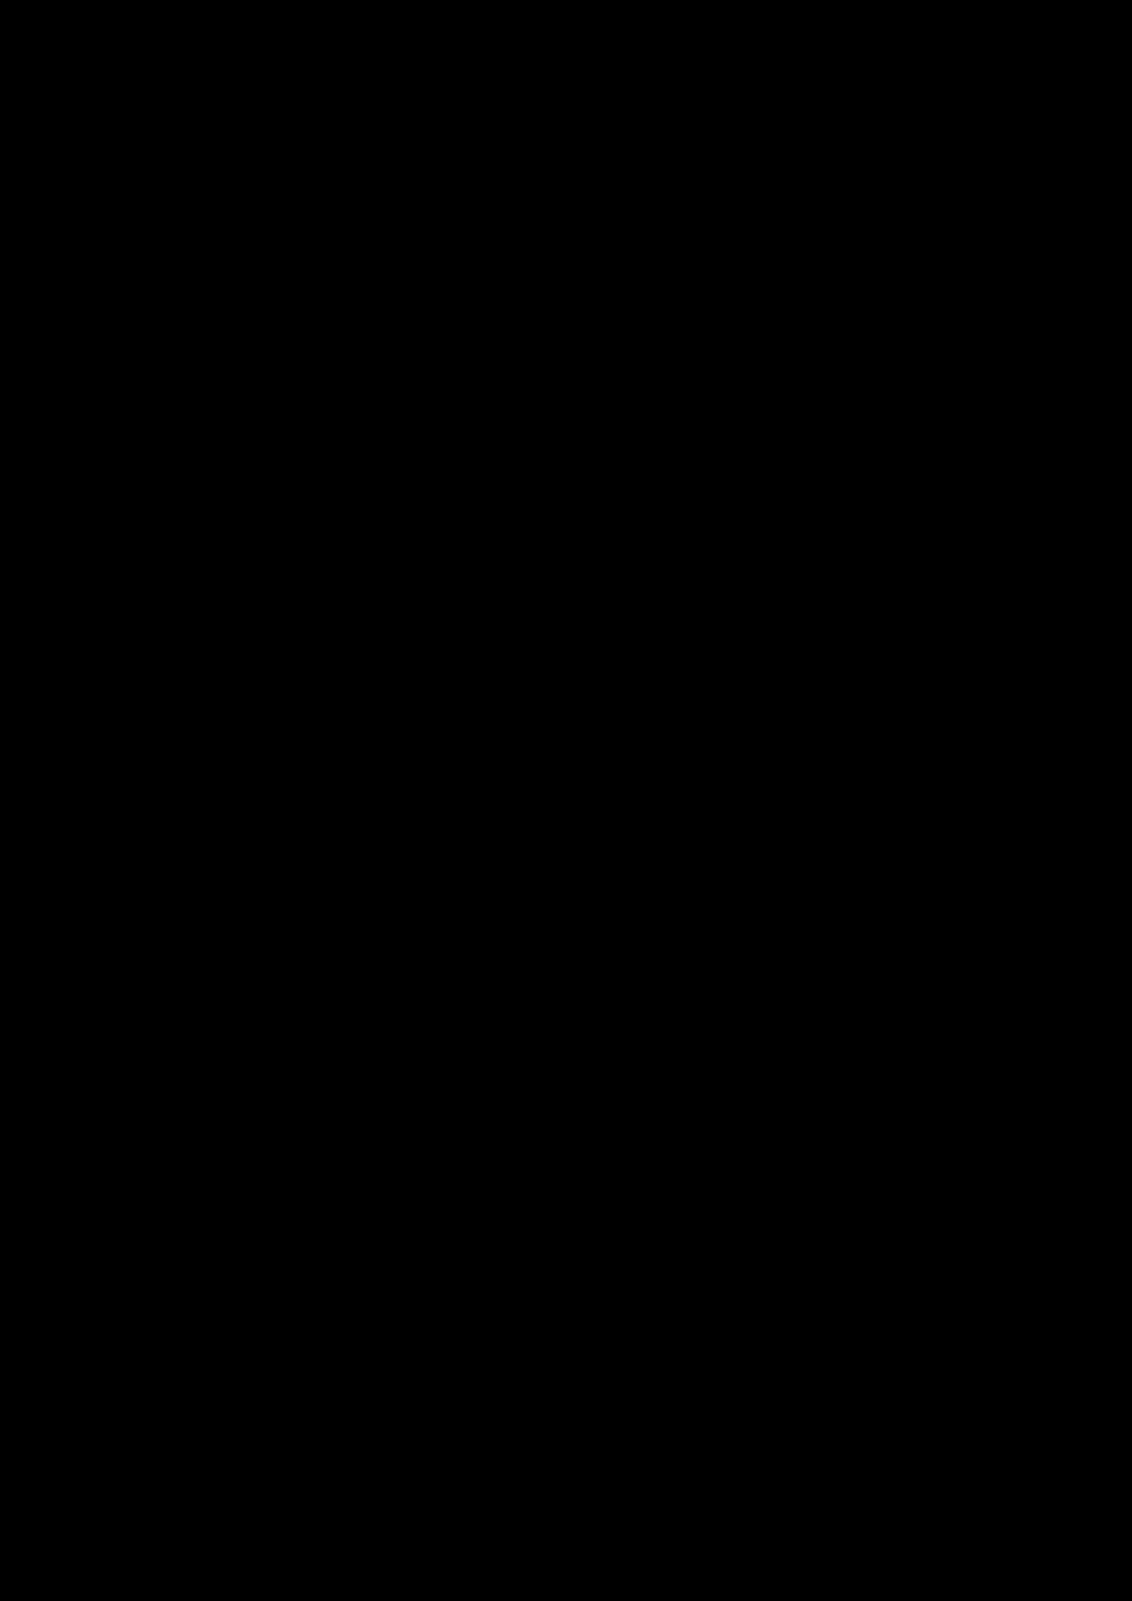 Proschanie s volshebnoy stranoy slide, Image 58